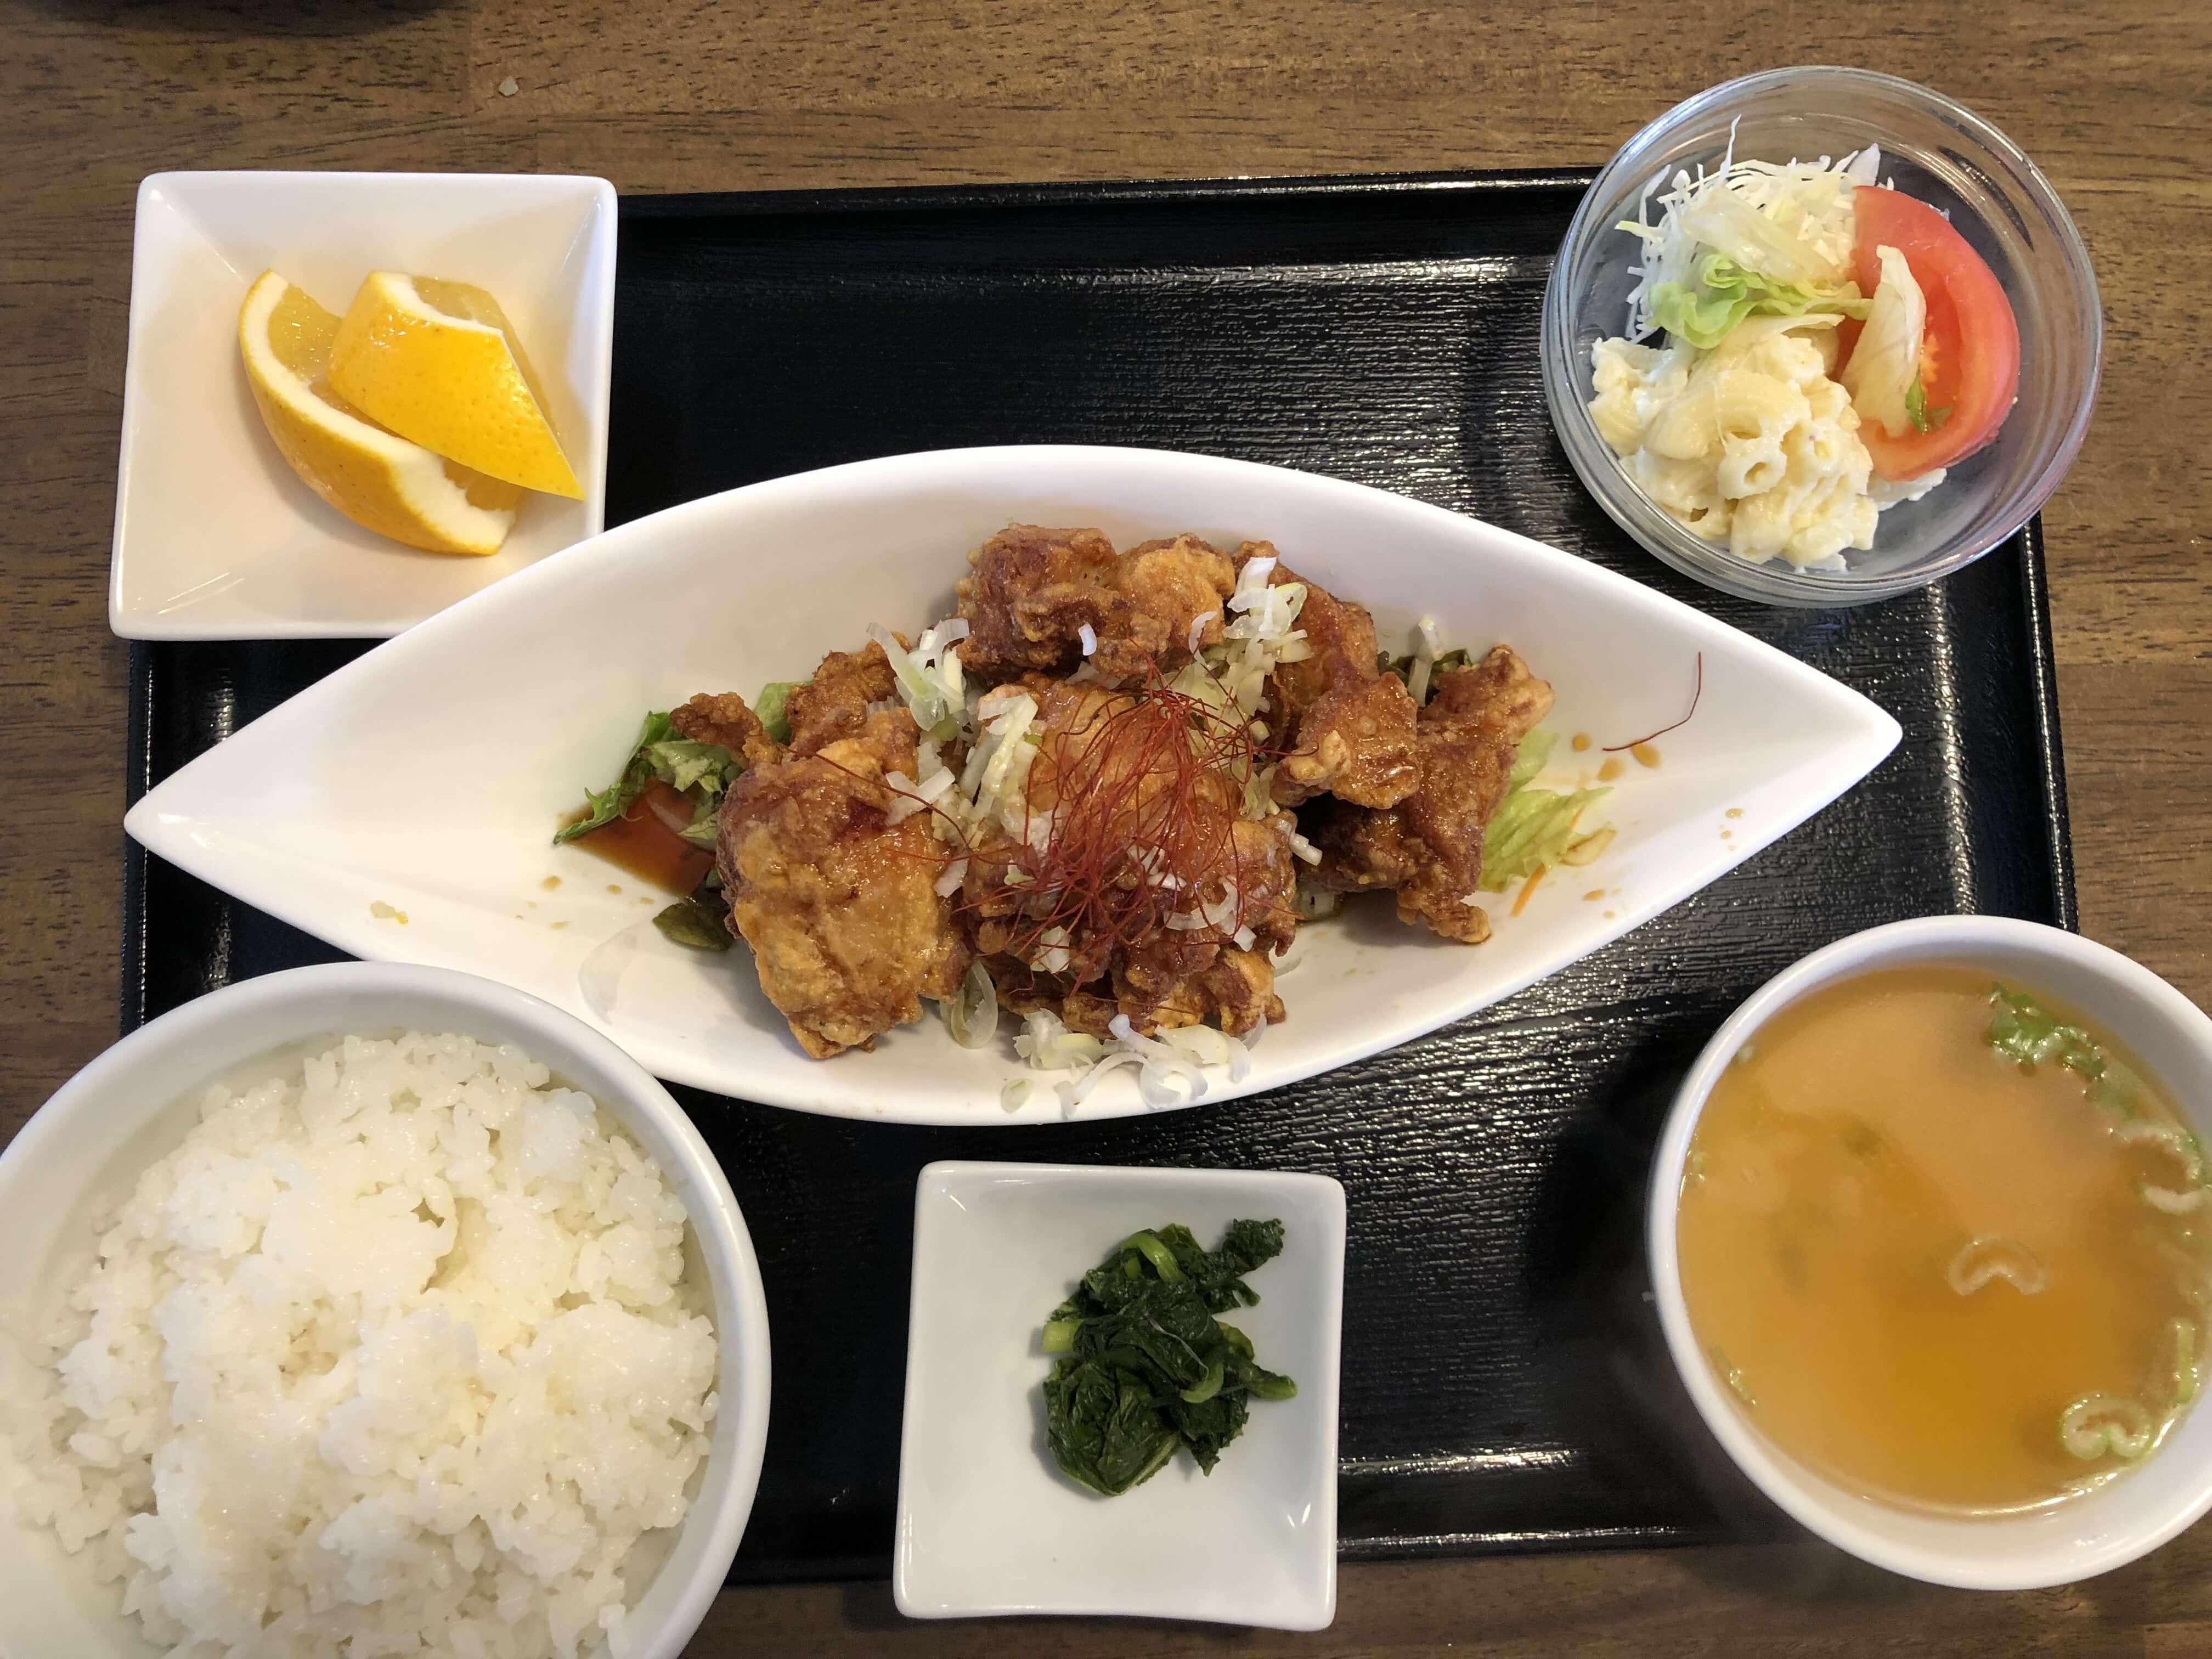 『 龍苑 』多彩なメニューで40年以上愛され続ける老舗人気中華料理店。